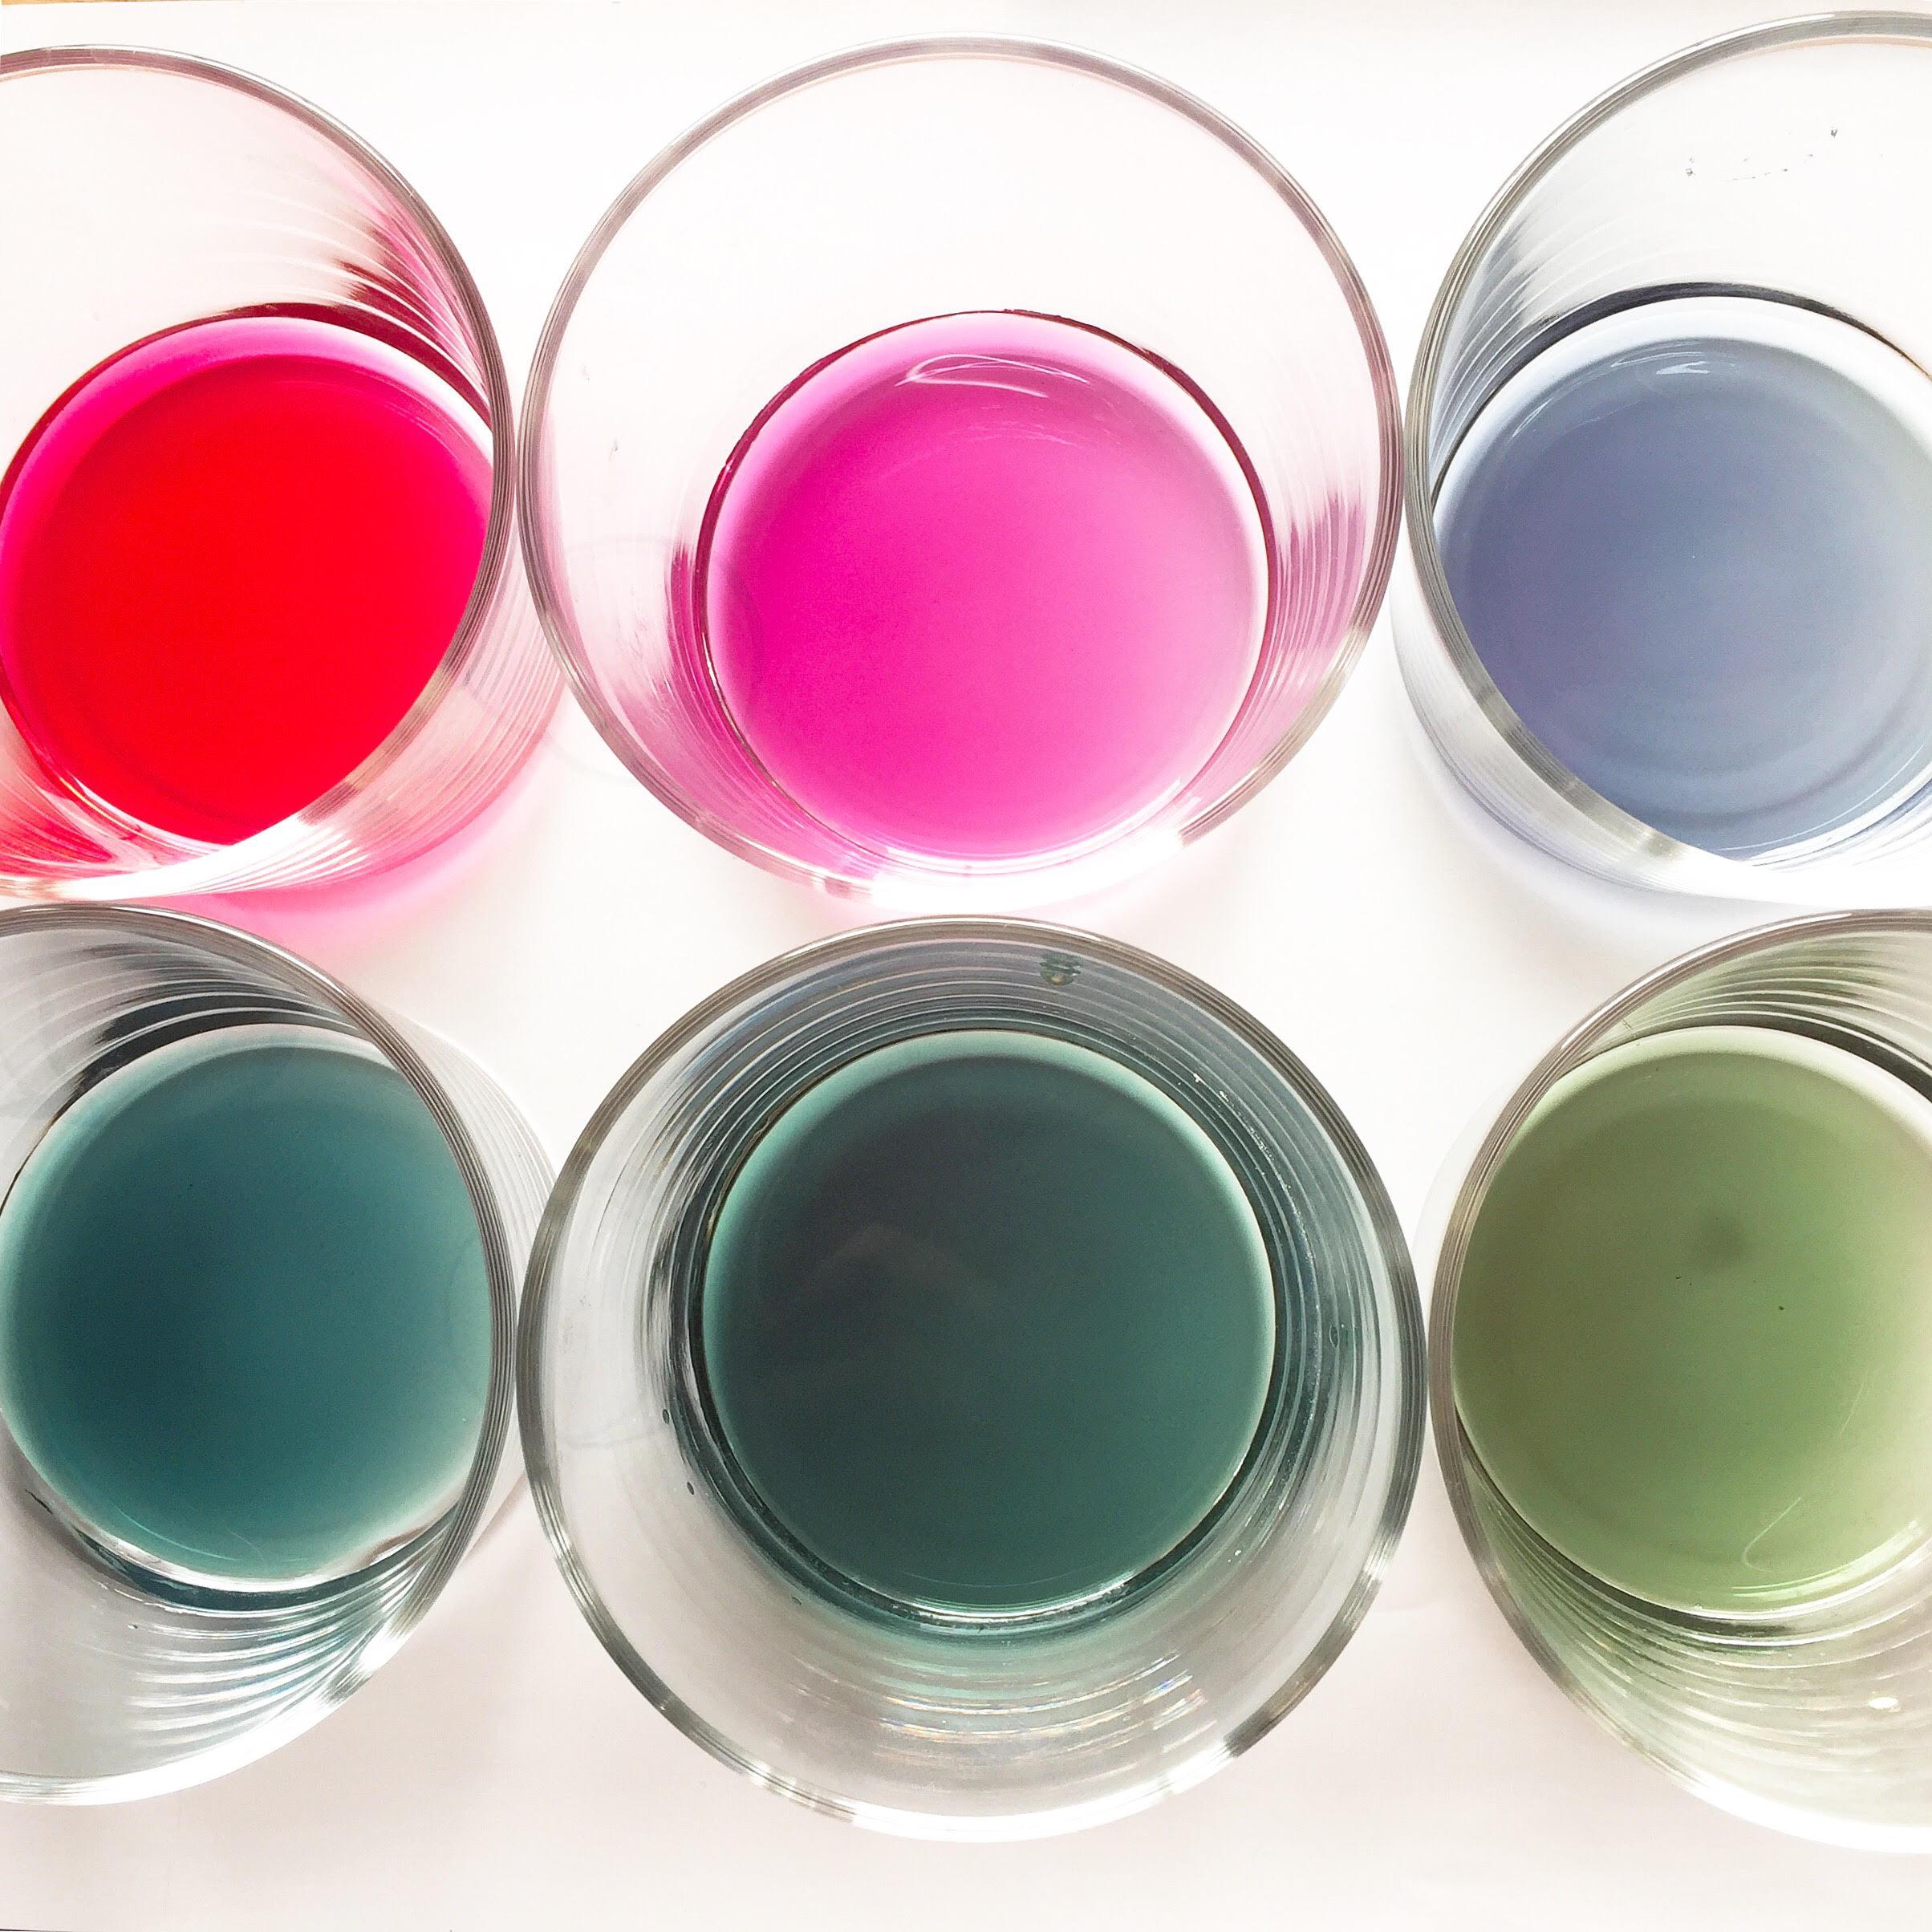 野菜色素の不思議な力〜アントシアニン酸性アルカリ性の色は?